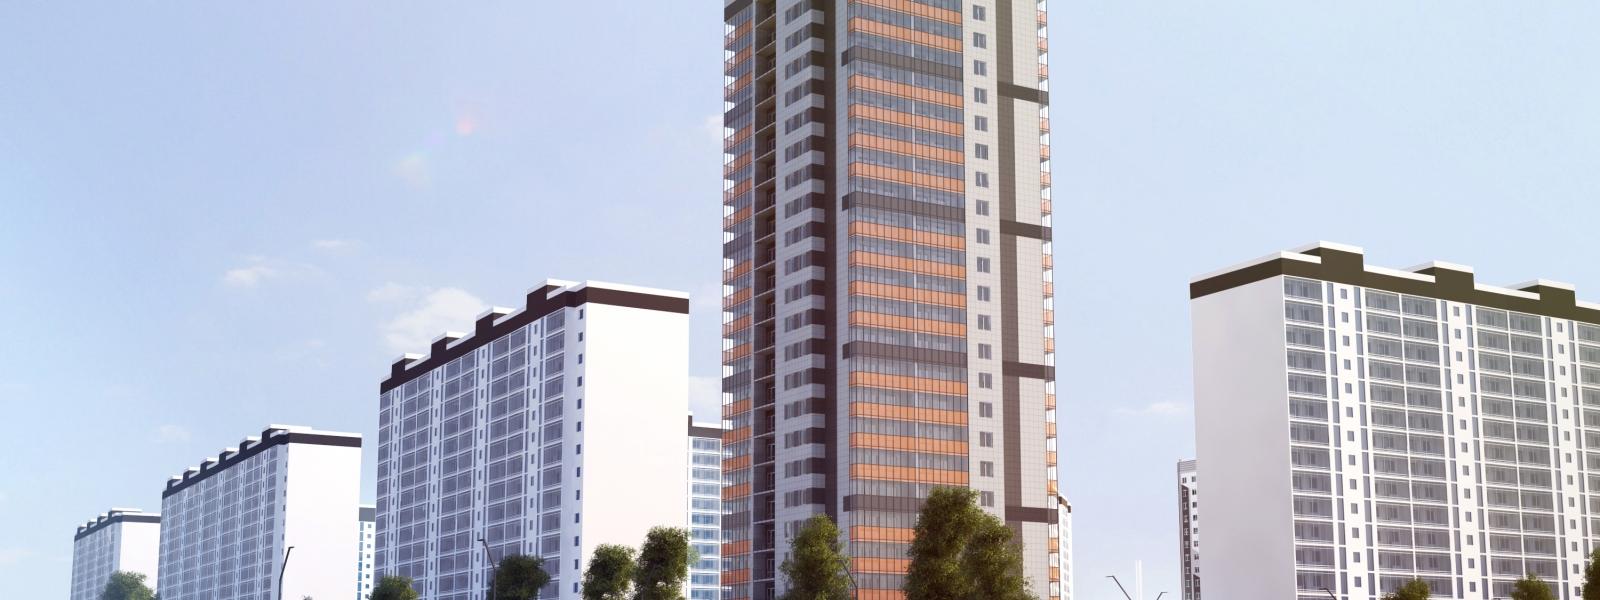 work-Многоэтажное жилое здание по ул. Береговая, 2Д в Томске